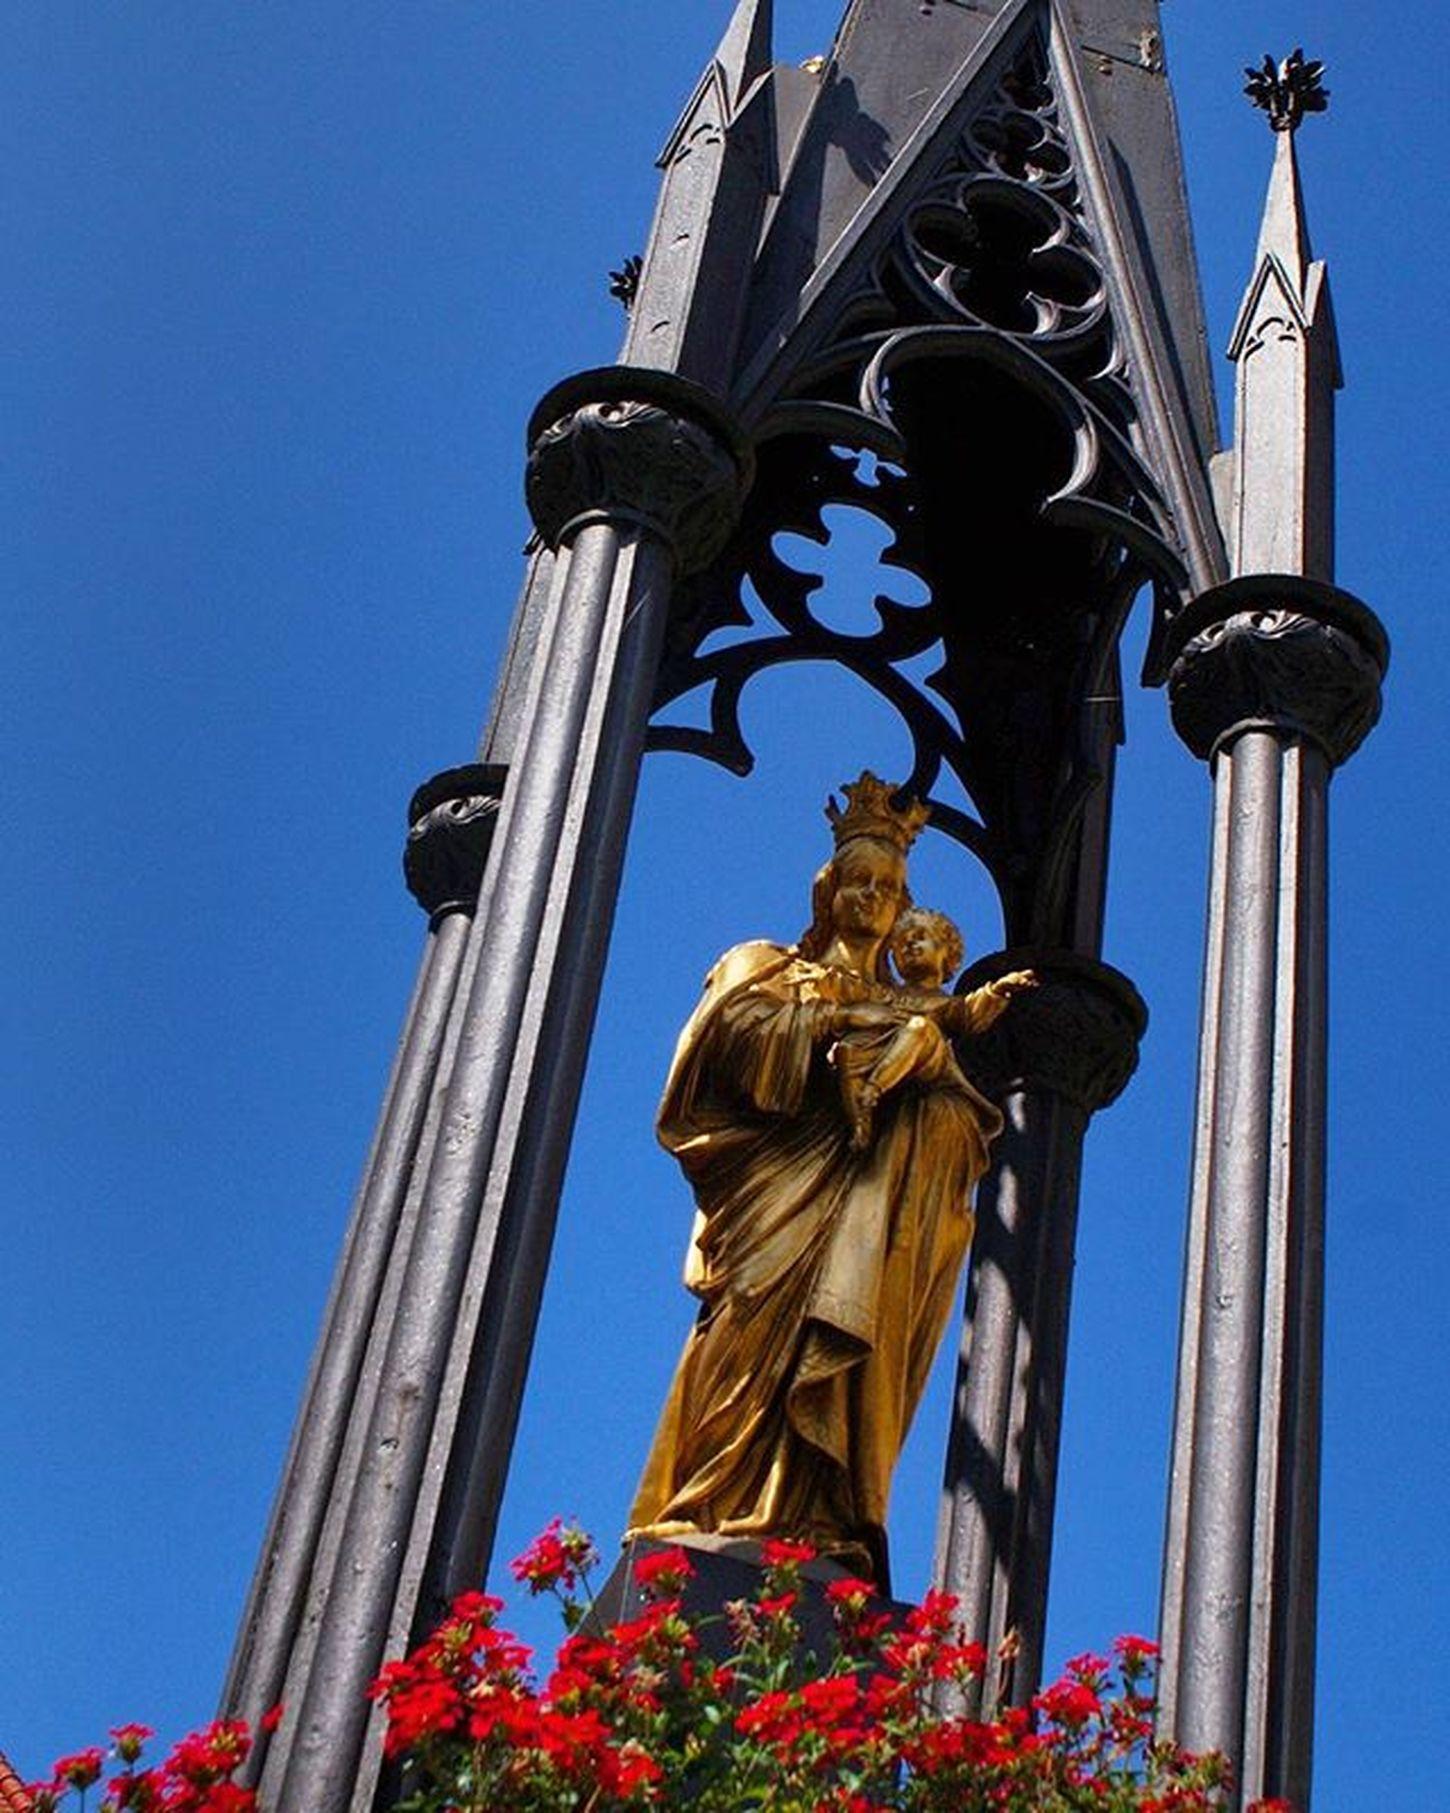 Beautiful Architecture and Design of a Golden Statue . At the UntererStadtPlatz in Altstadt Citycenter . Kufstein Tirol  Österreich Austria . Taken by my Sonyalpha A57 DSLR Dslt . تصميم معمار تمثال تذكار النمساء